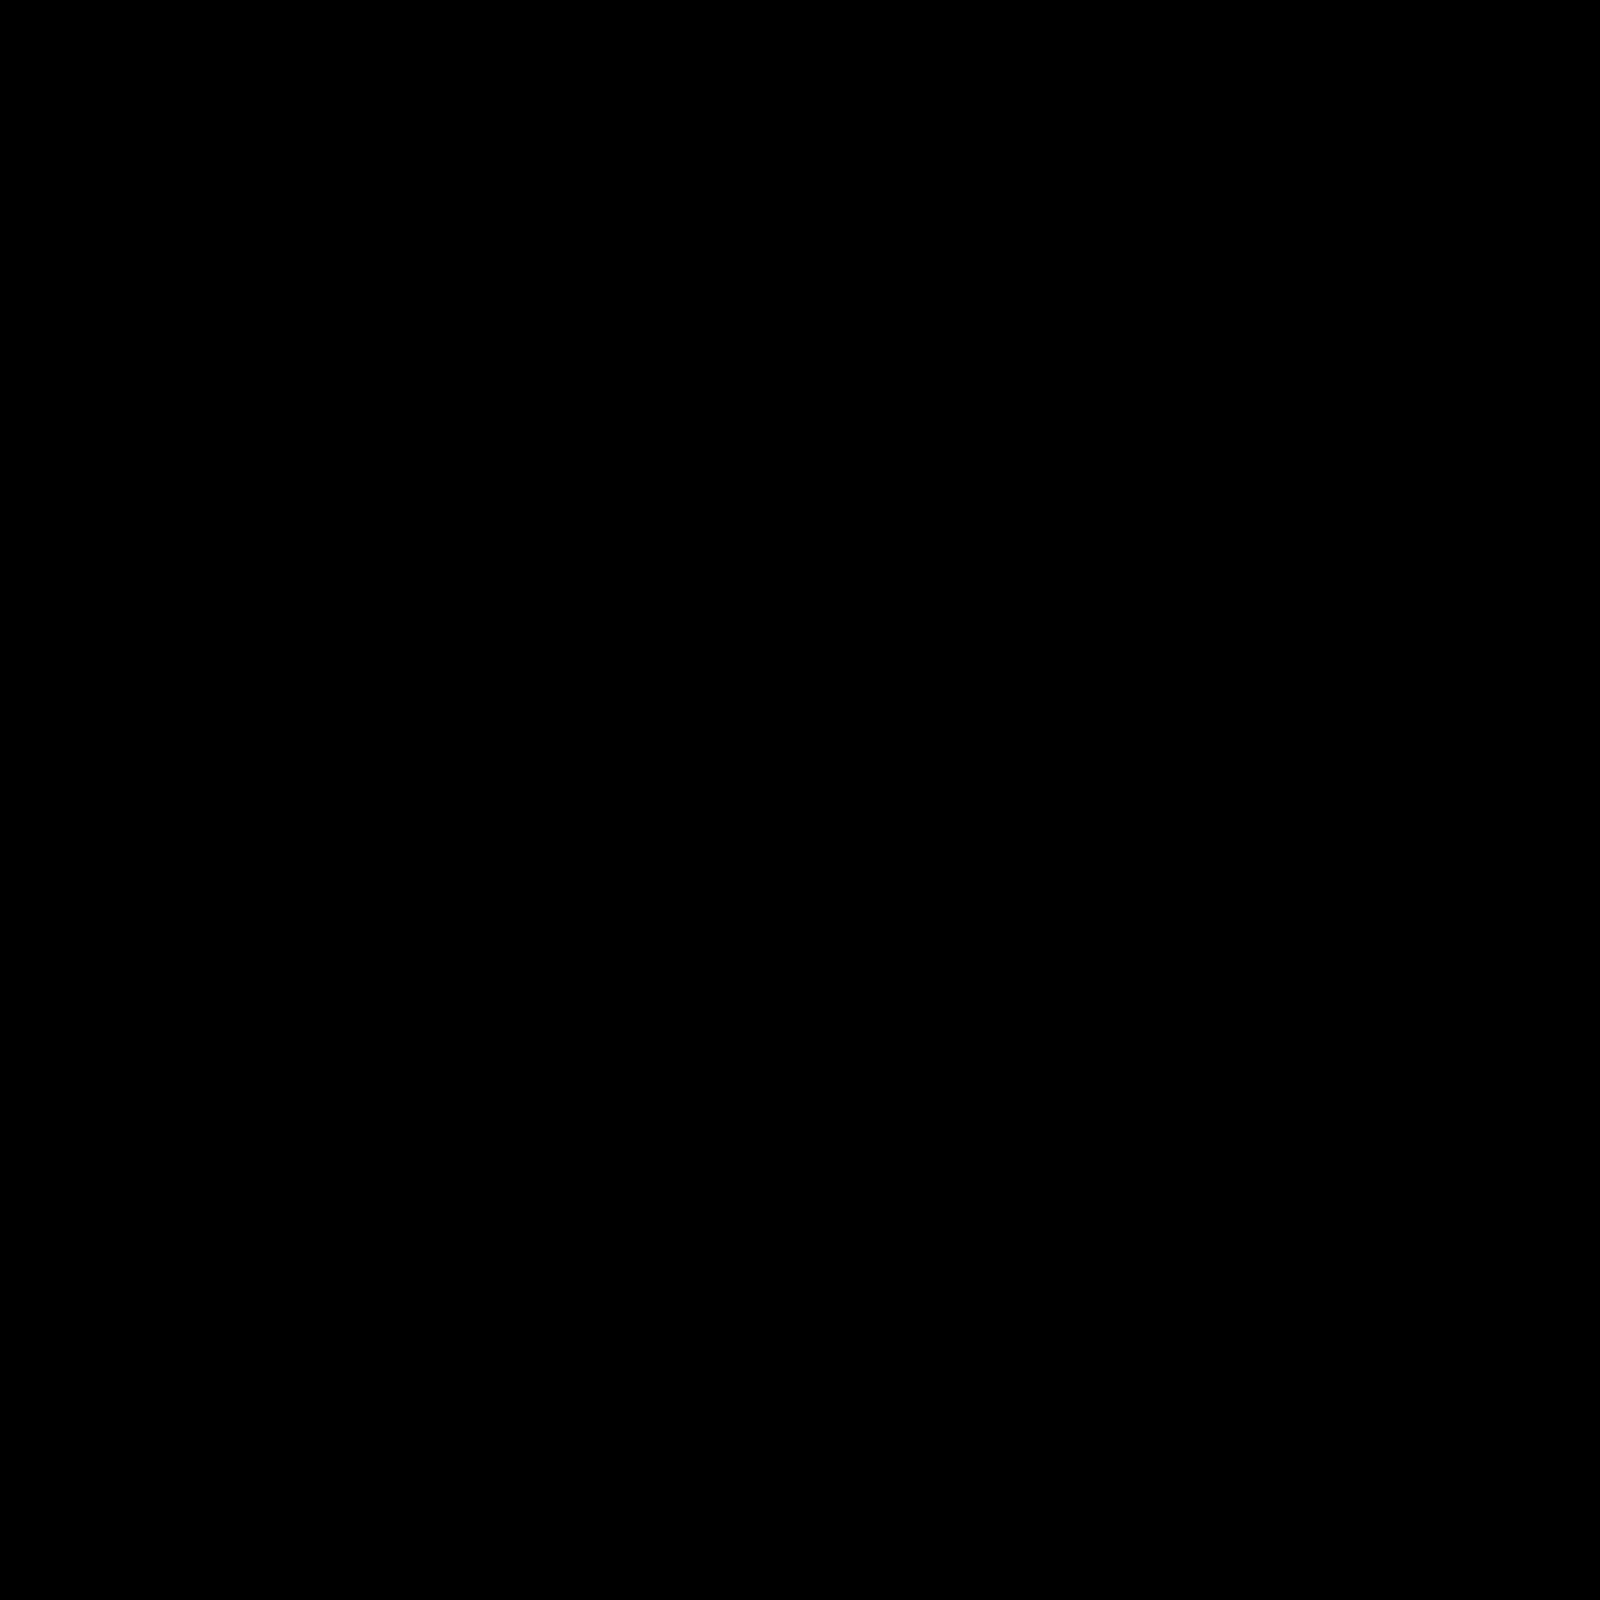 Visualizza Array icon